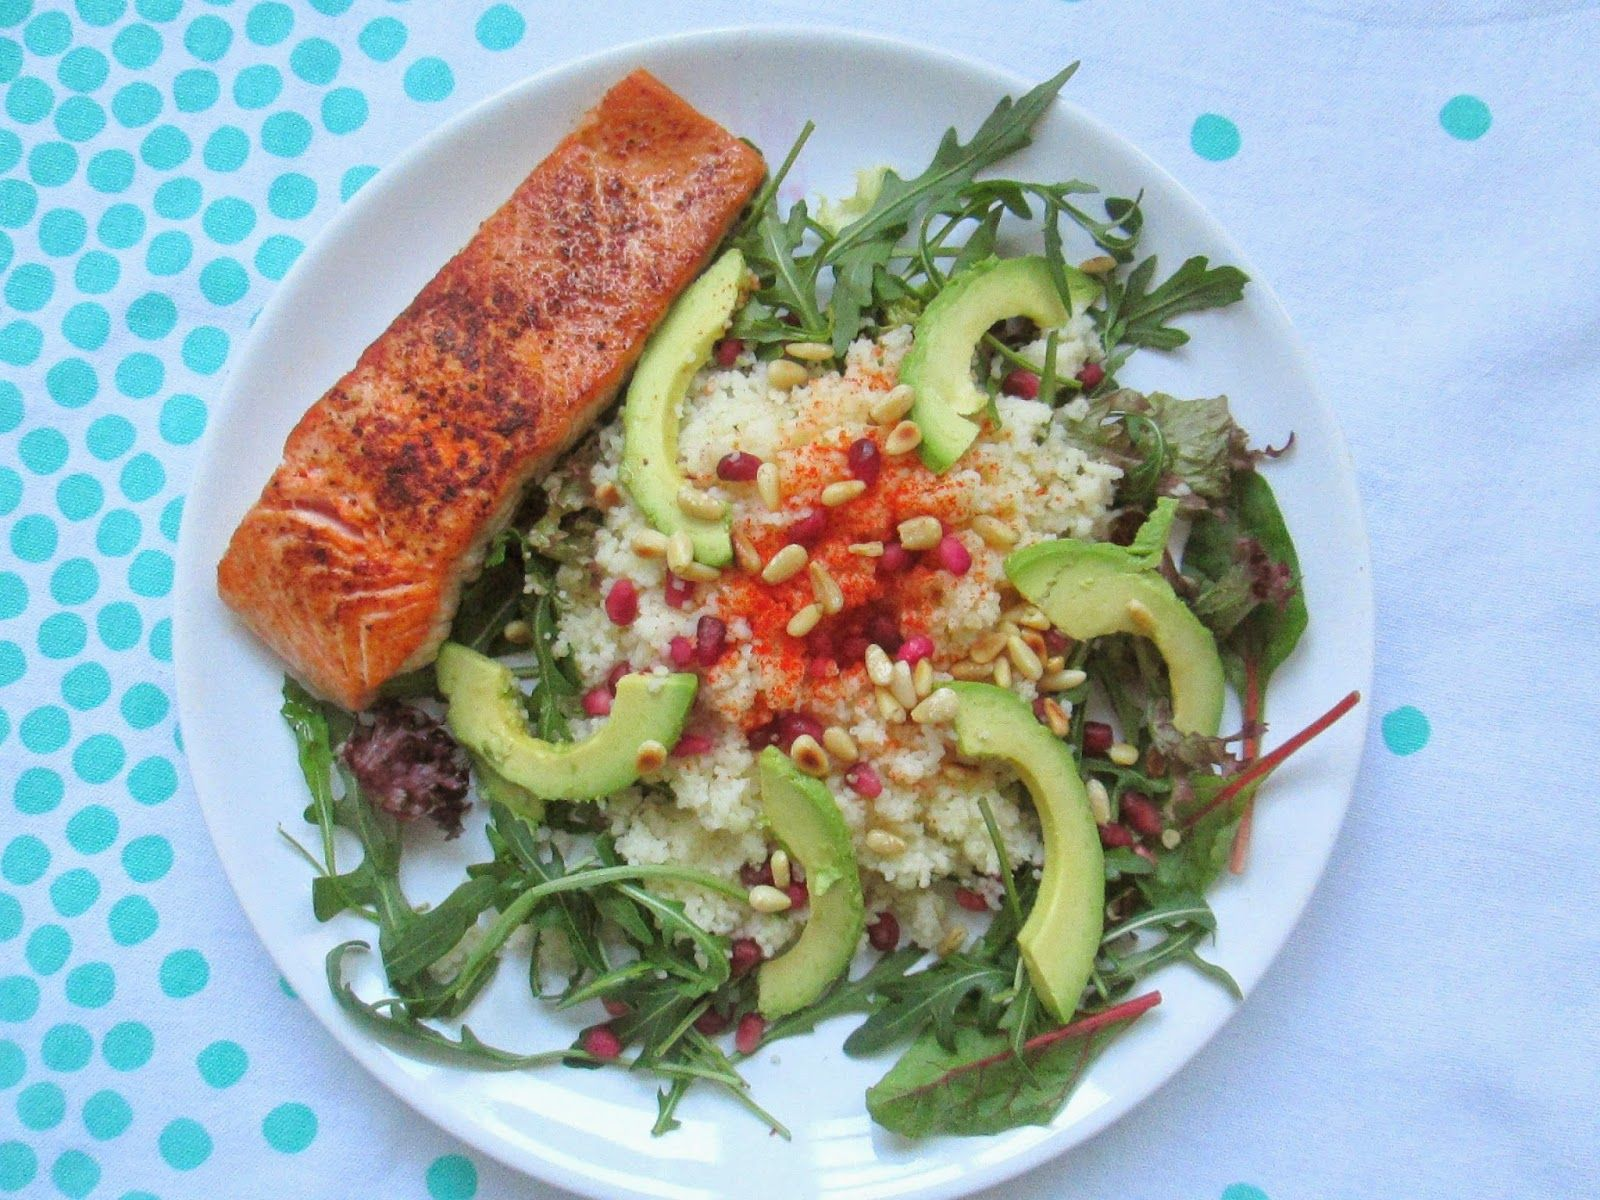 Couscous salade met zalm - 10 minuten klaar